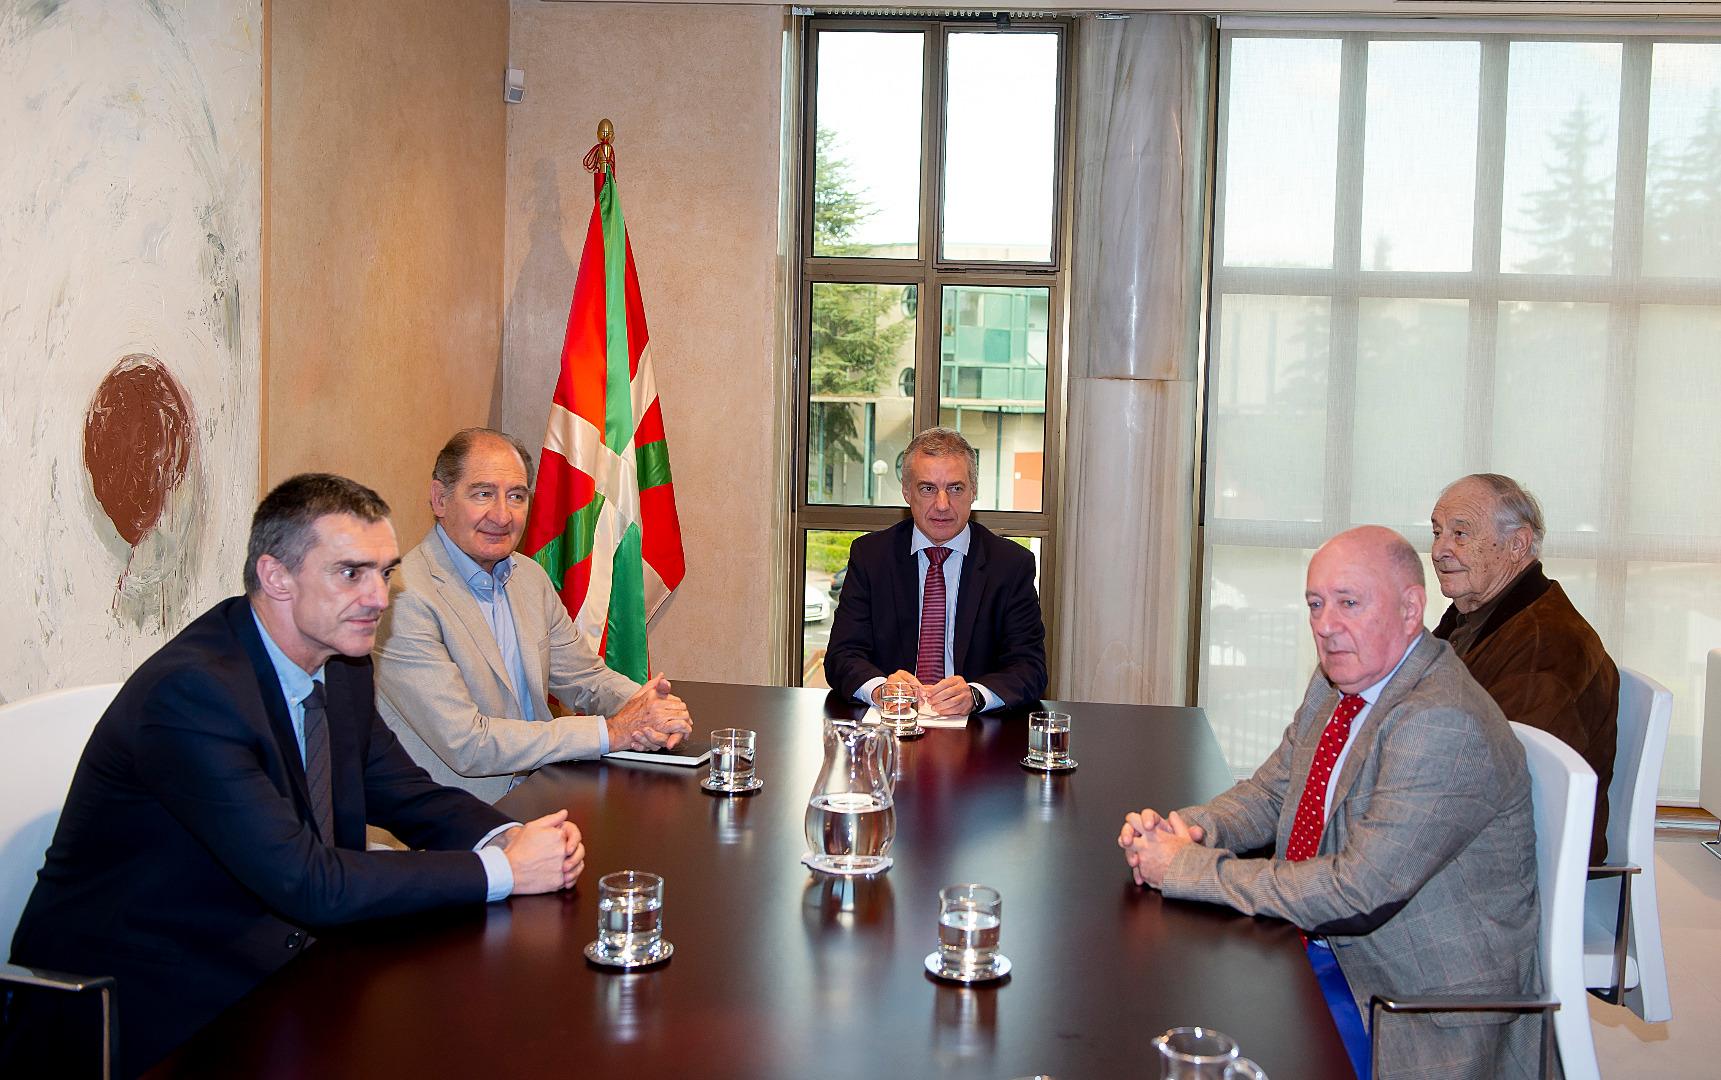 El Lehendakari se reúnecon los miembros del Grupo Internacional de Contacto Brian Currin, Alberto Spektorowskiy Raymond Kendall